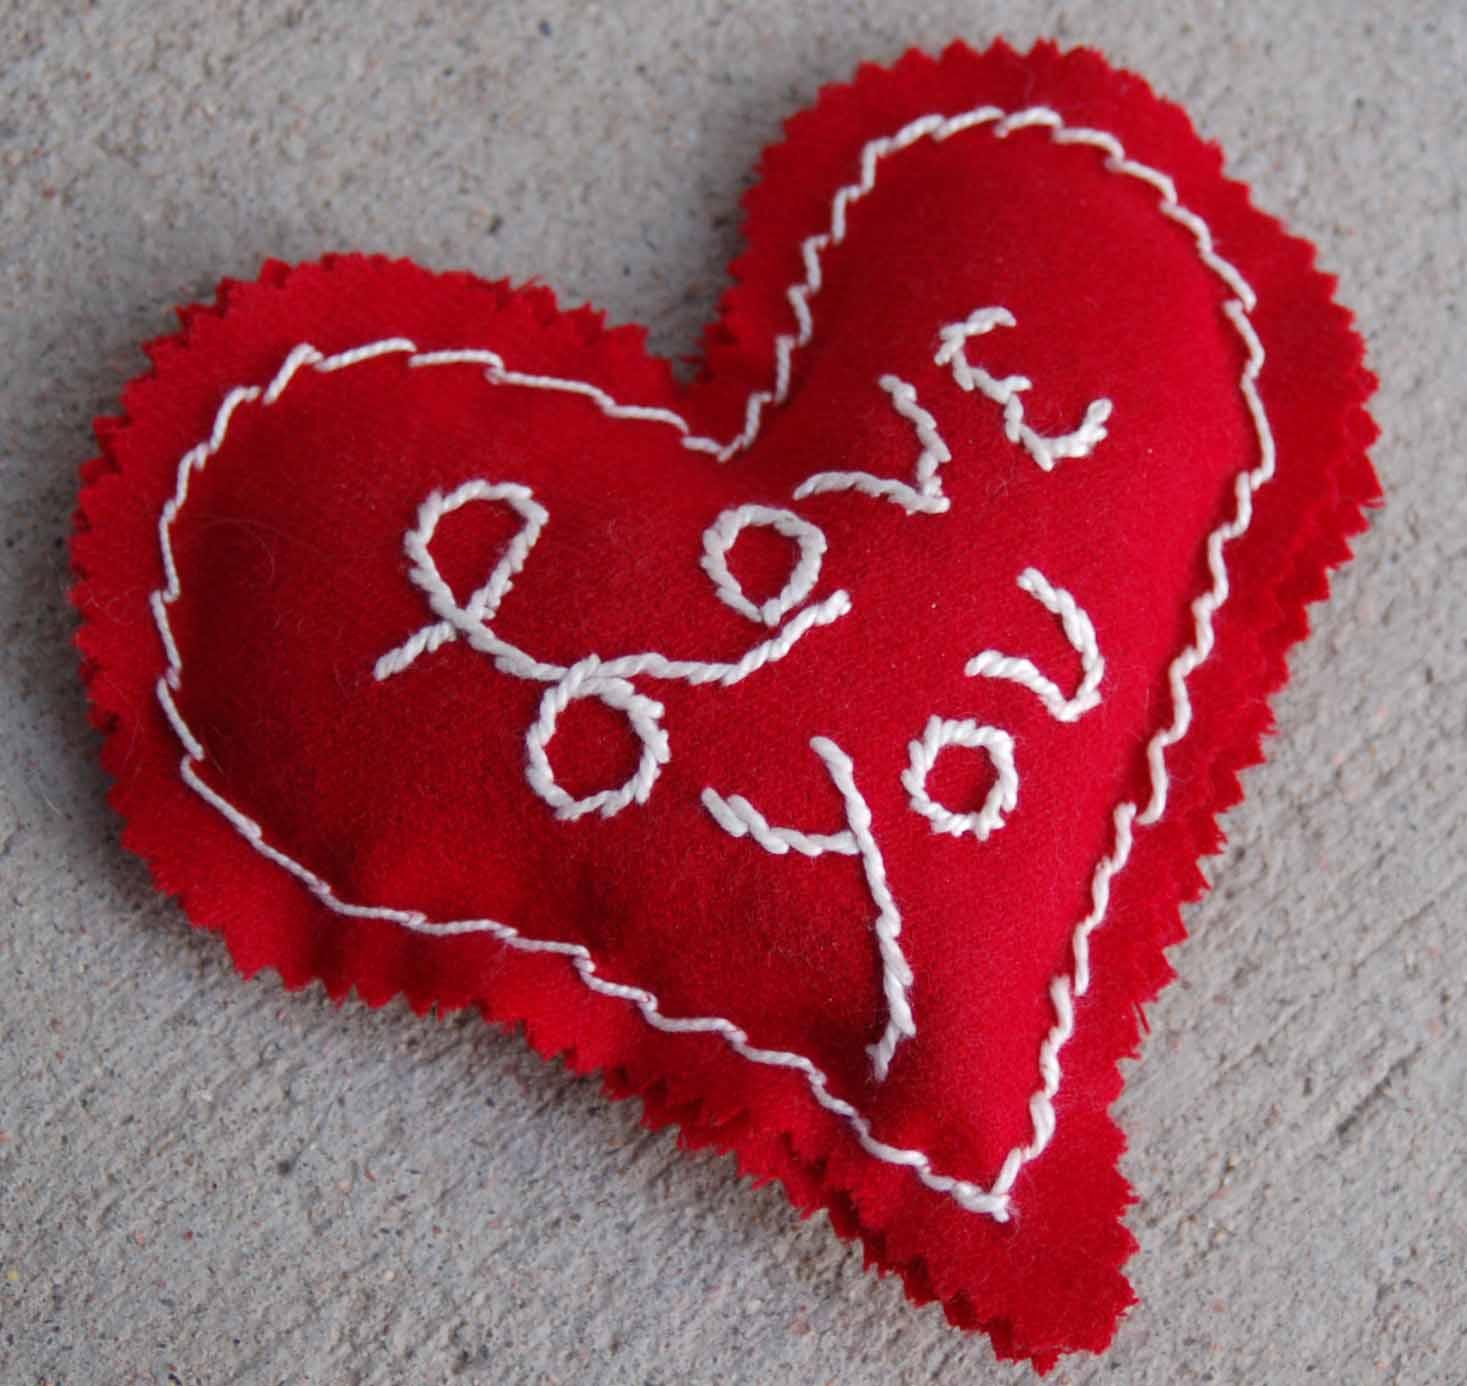 Día de San Valentín: Varias imágenes para descargar El  - Descargar Imagenes De Sanvalentin